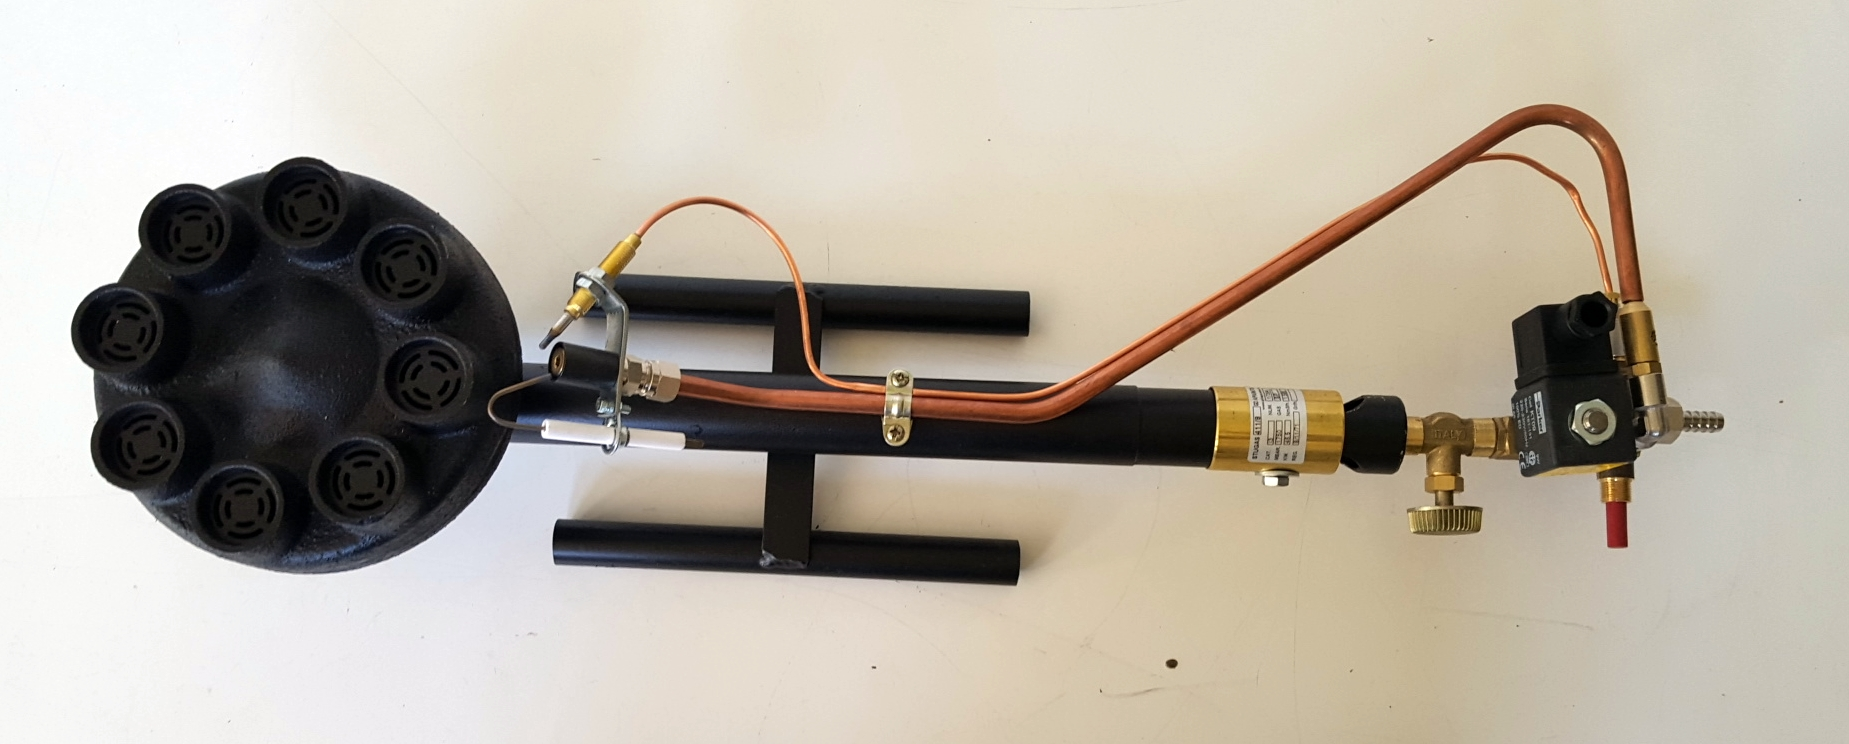 Hem millorat el nostre cremador model 411